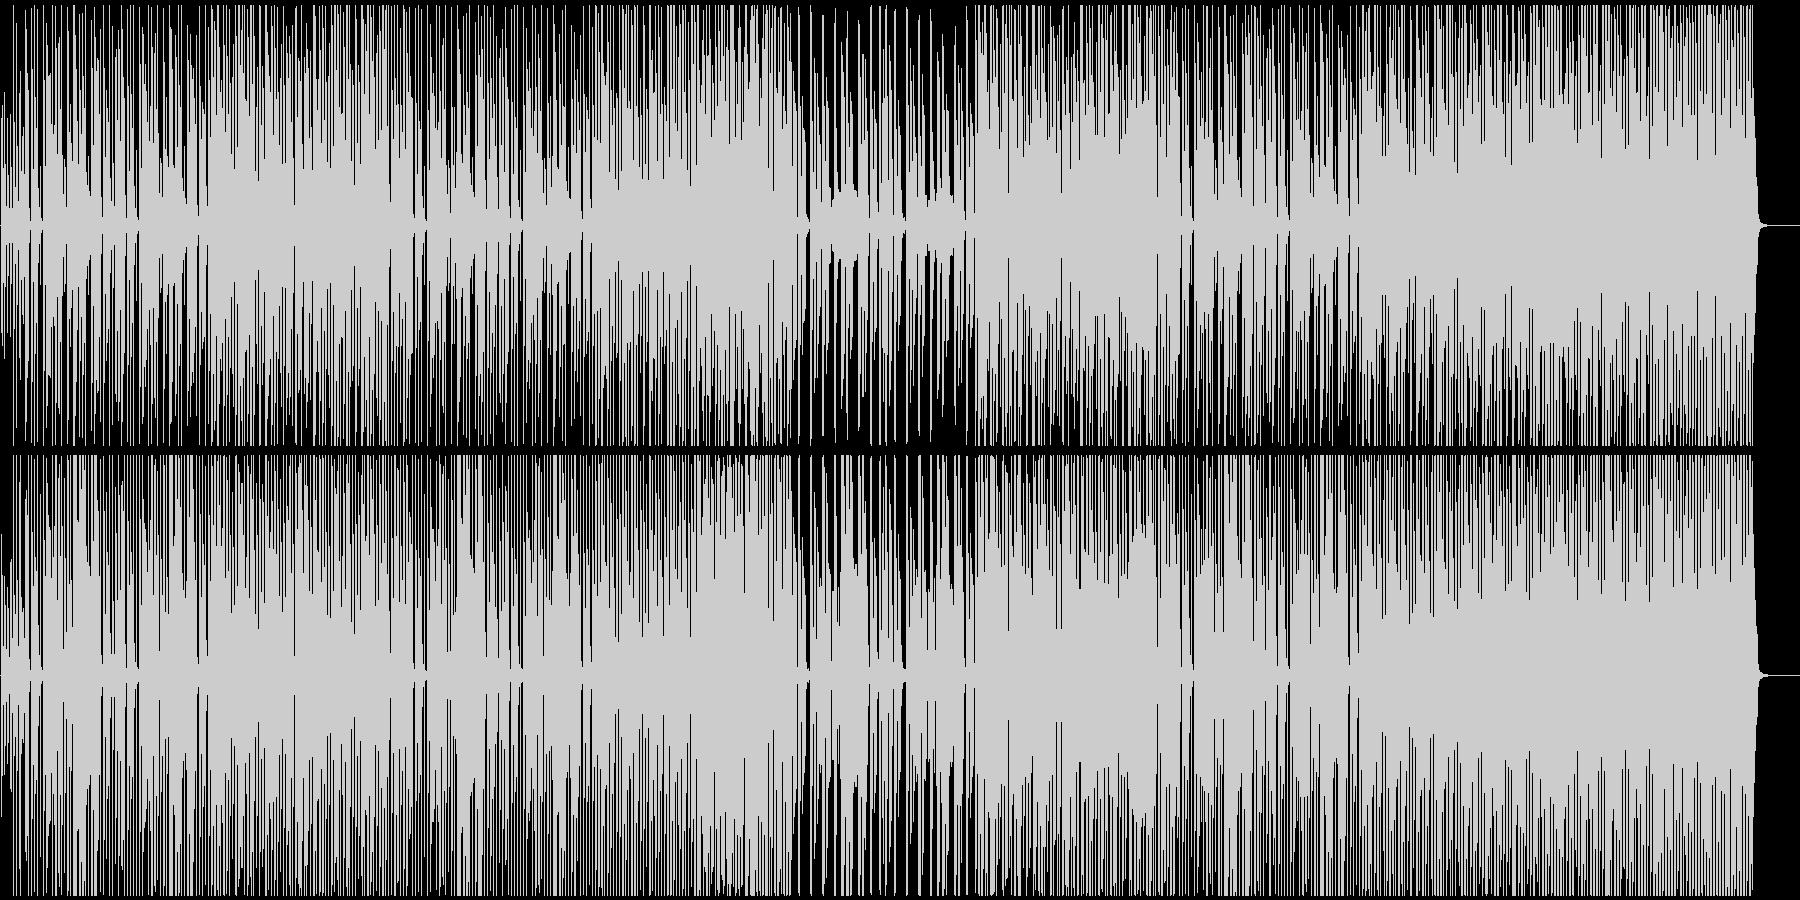 レゲエ調でクラシカルなおどけたほのぼの系の未再生の波形